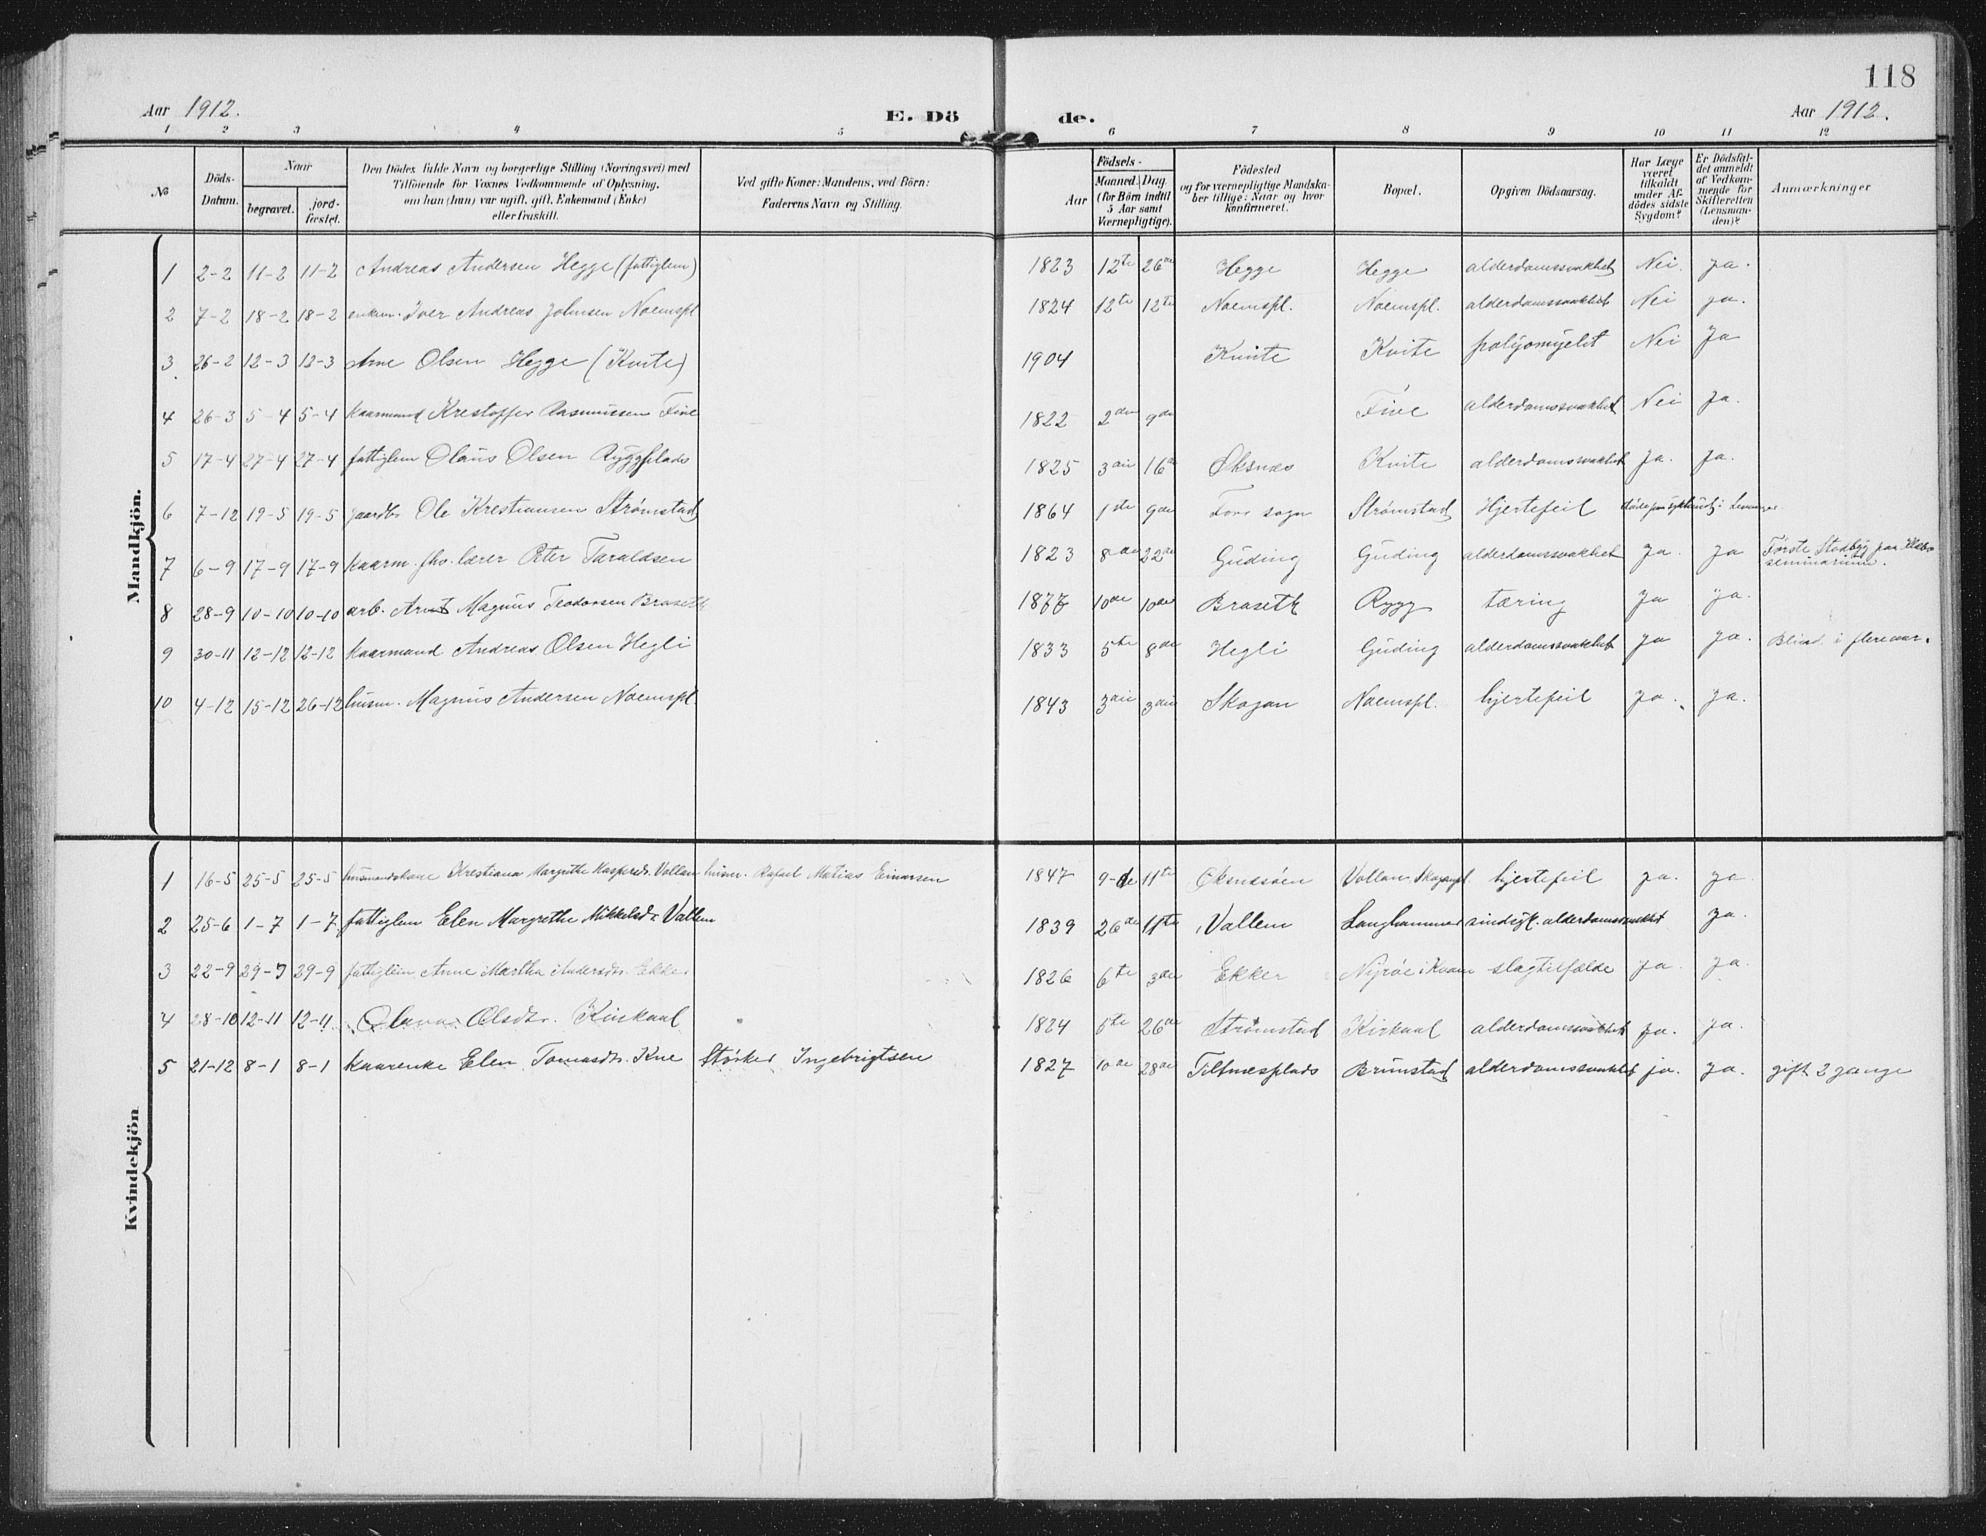 SAT, Ministerialprotokoller, klokkerbøker og fødselsregistre - Nord-Trøndelag, 747/L0460: Klokkerbok nr. 747C02, 1908-1939, s. 118